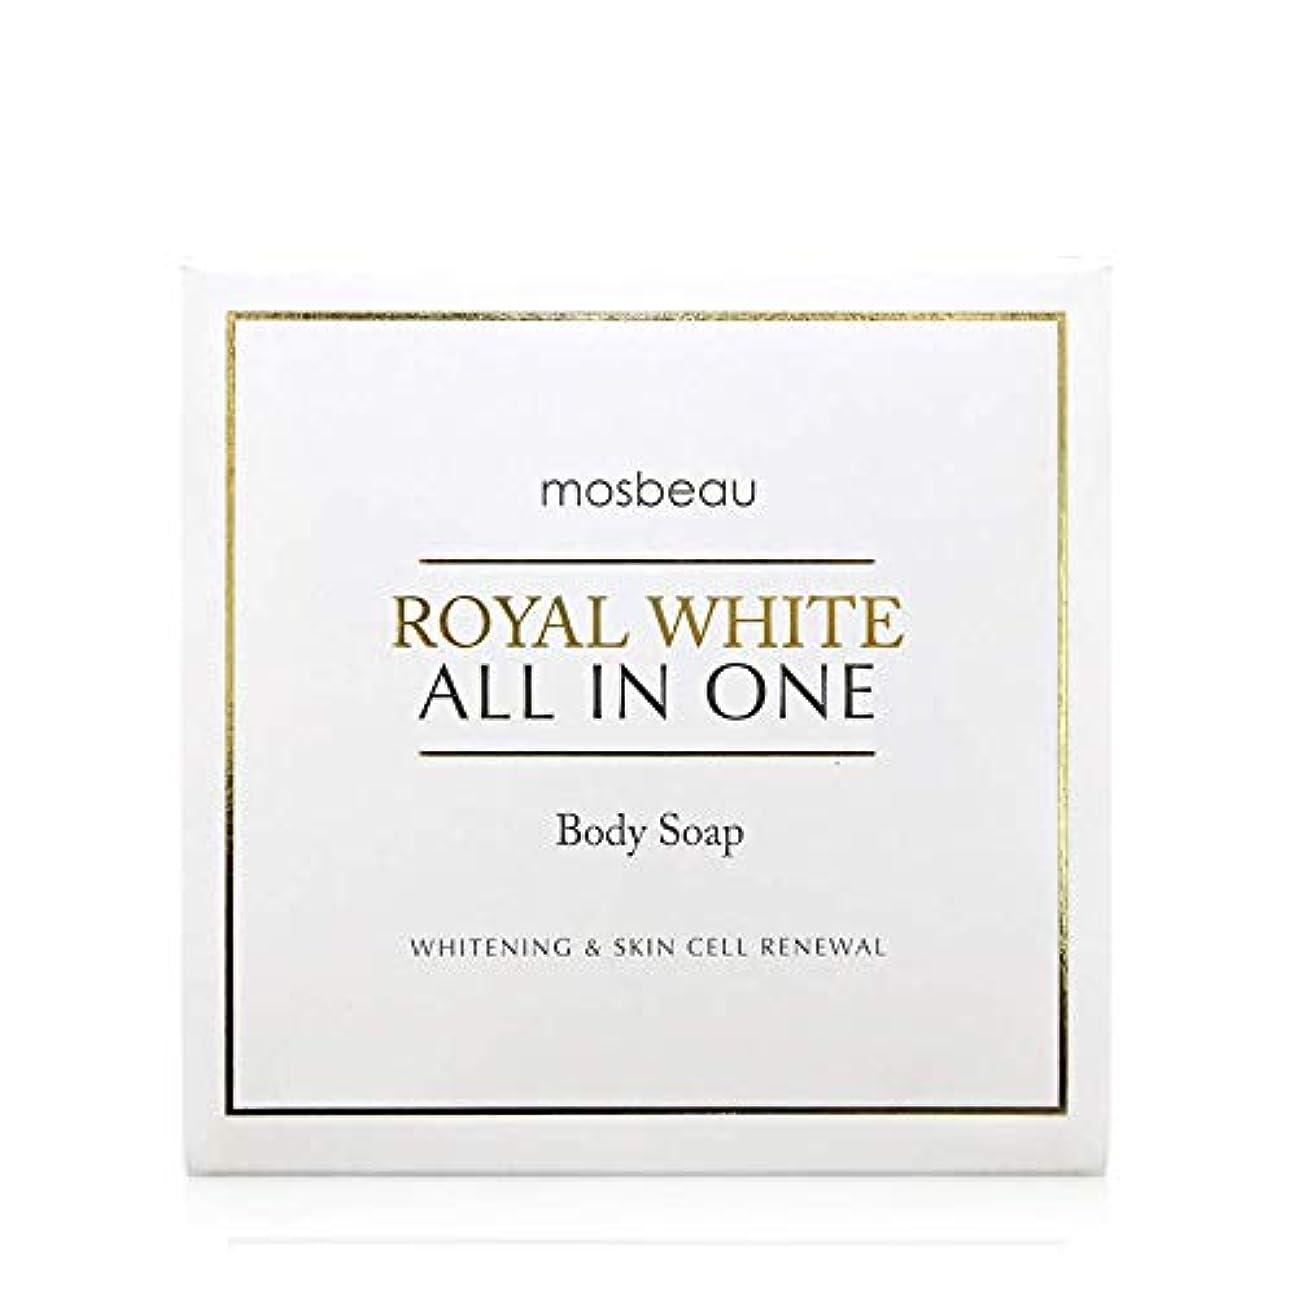 高くつなぐそうでなければmosbeau ROYAL WHITE ALL-IN-ONE BODY SOAP 100g ロィヤルホワイトオールインワンボディーソープ